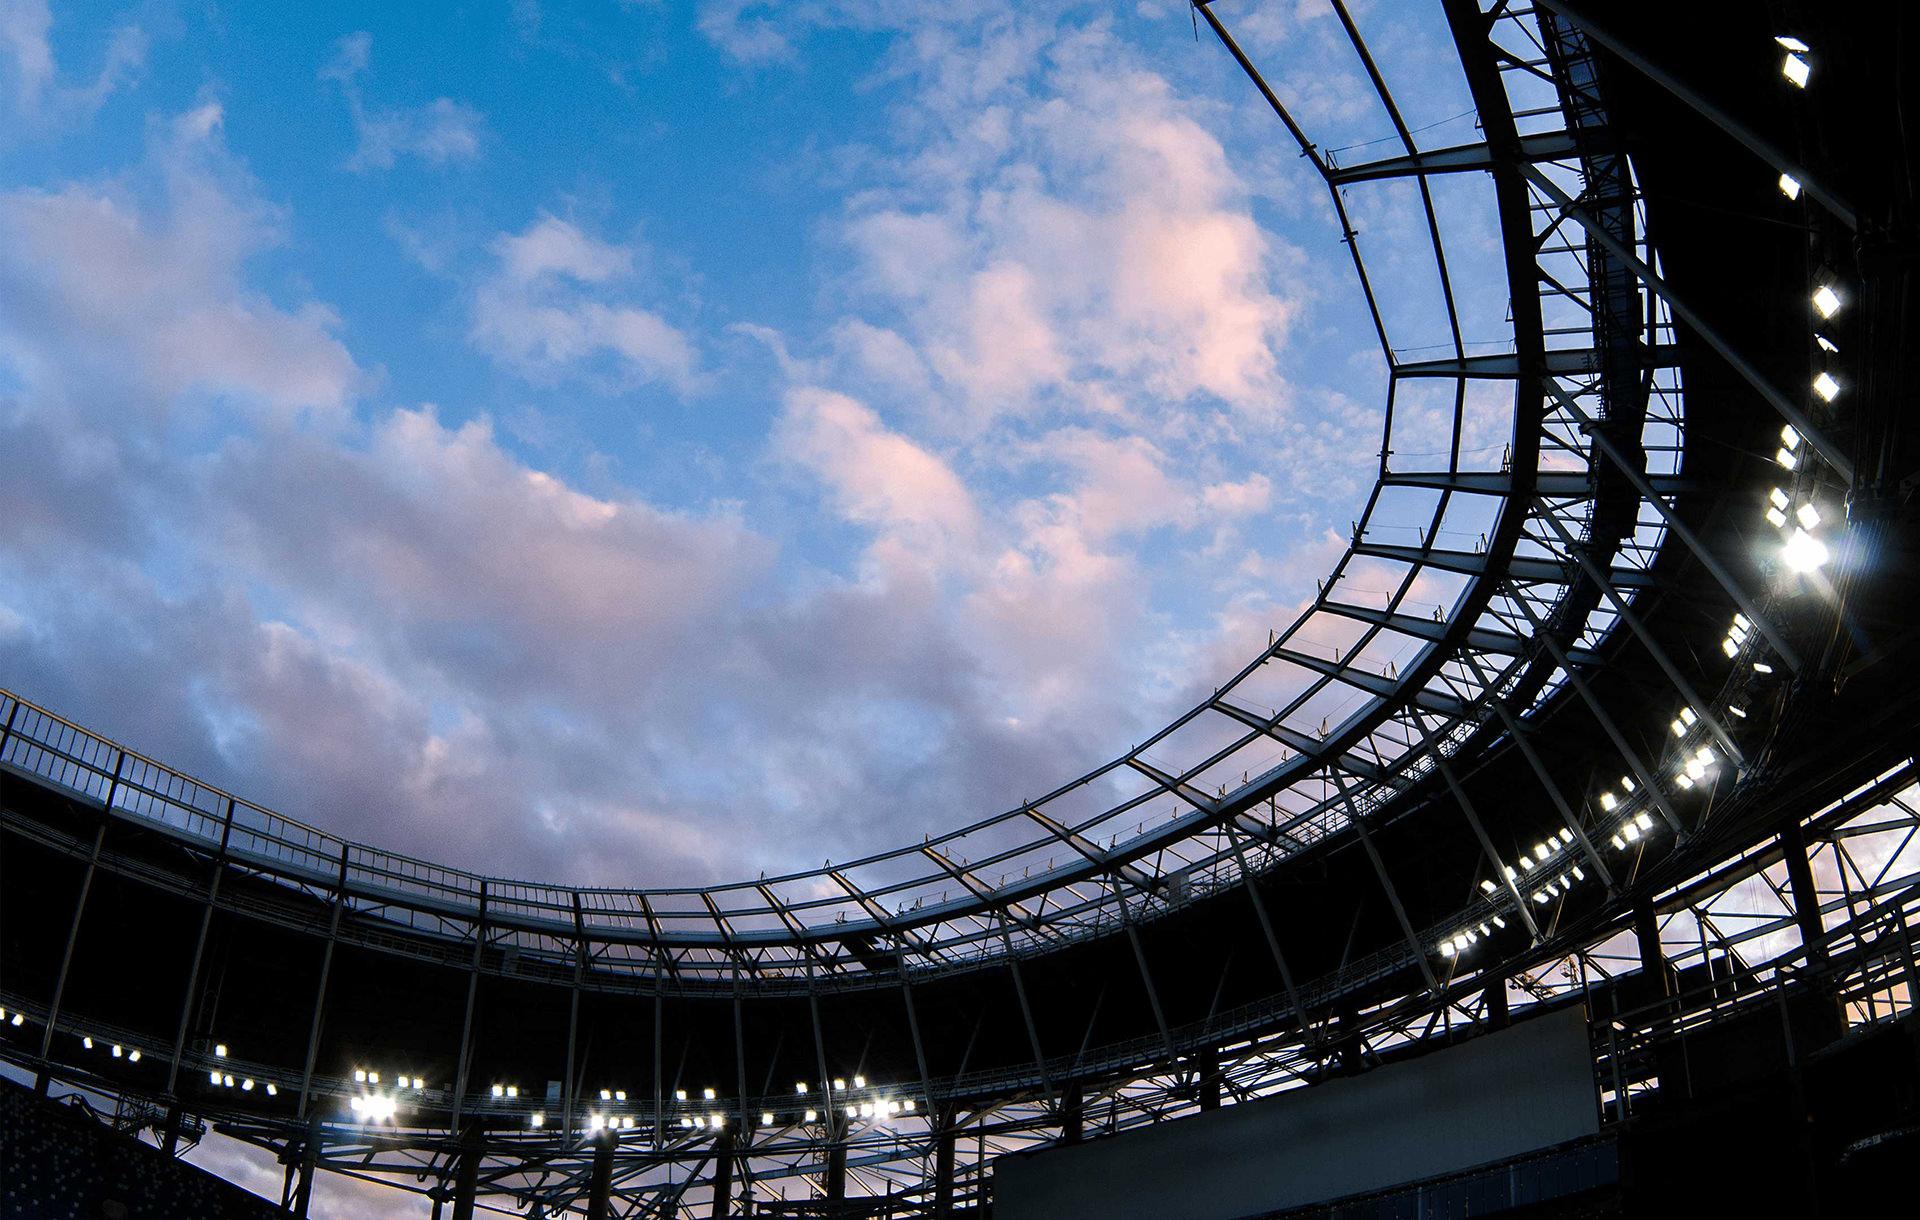 Beyaz Geceler'de Dünya Kupası